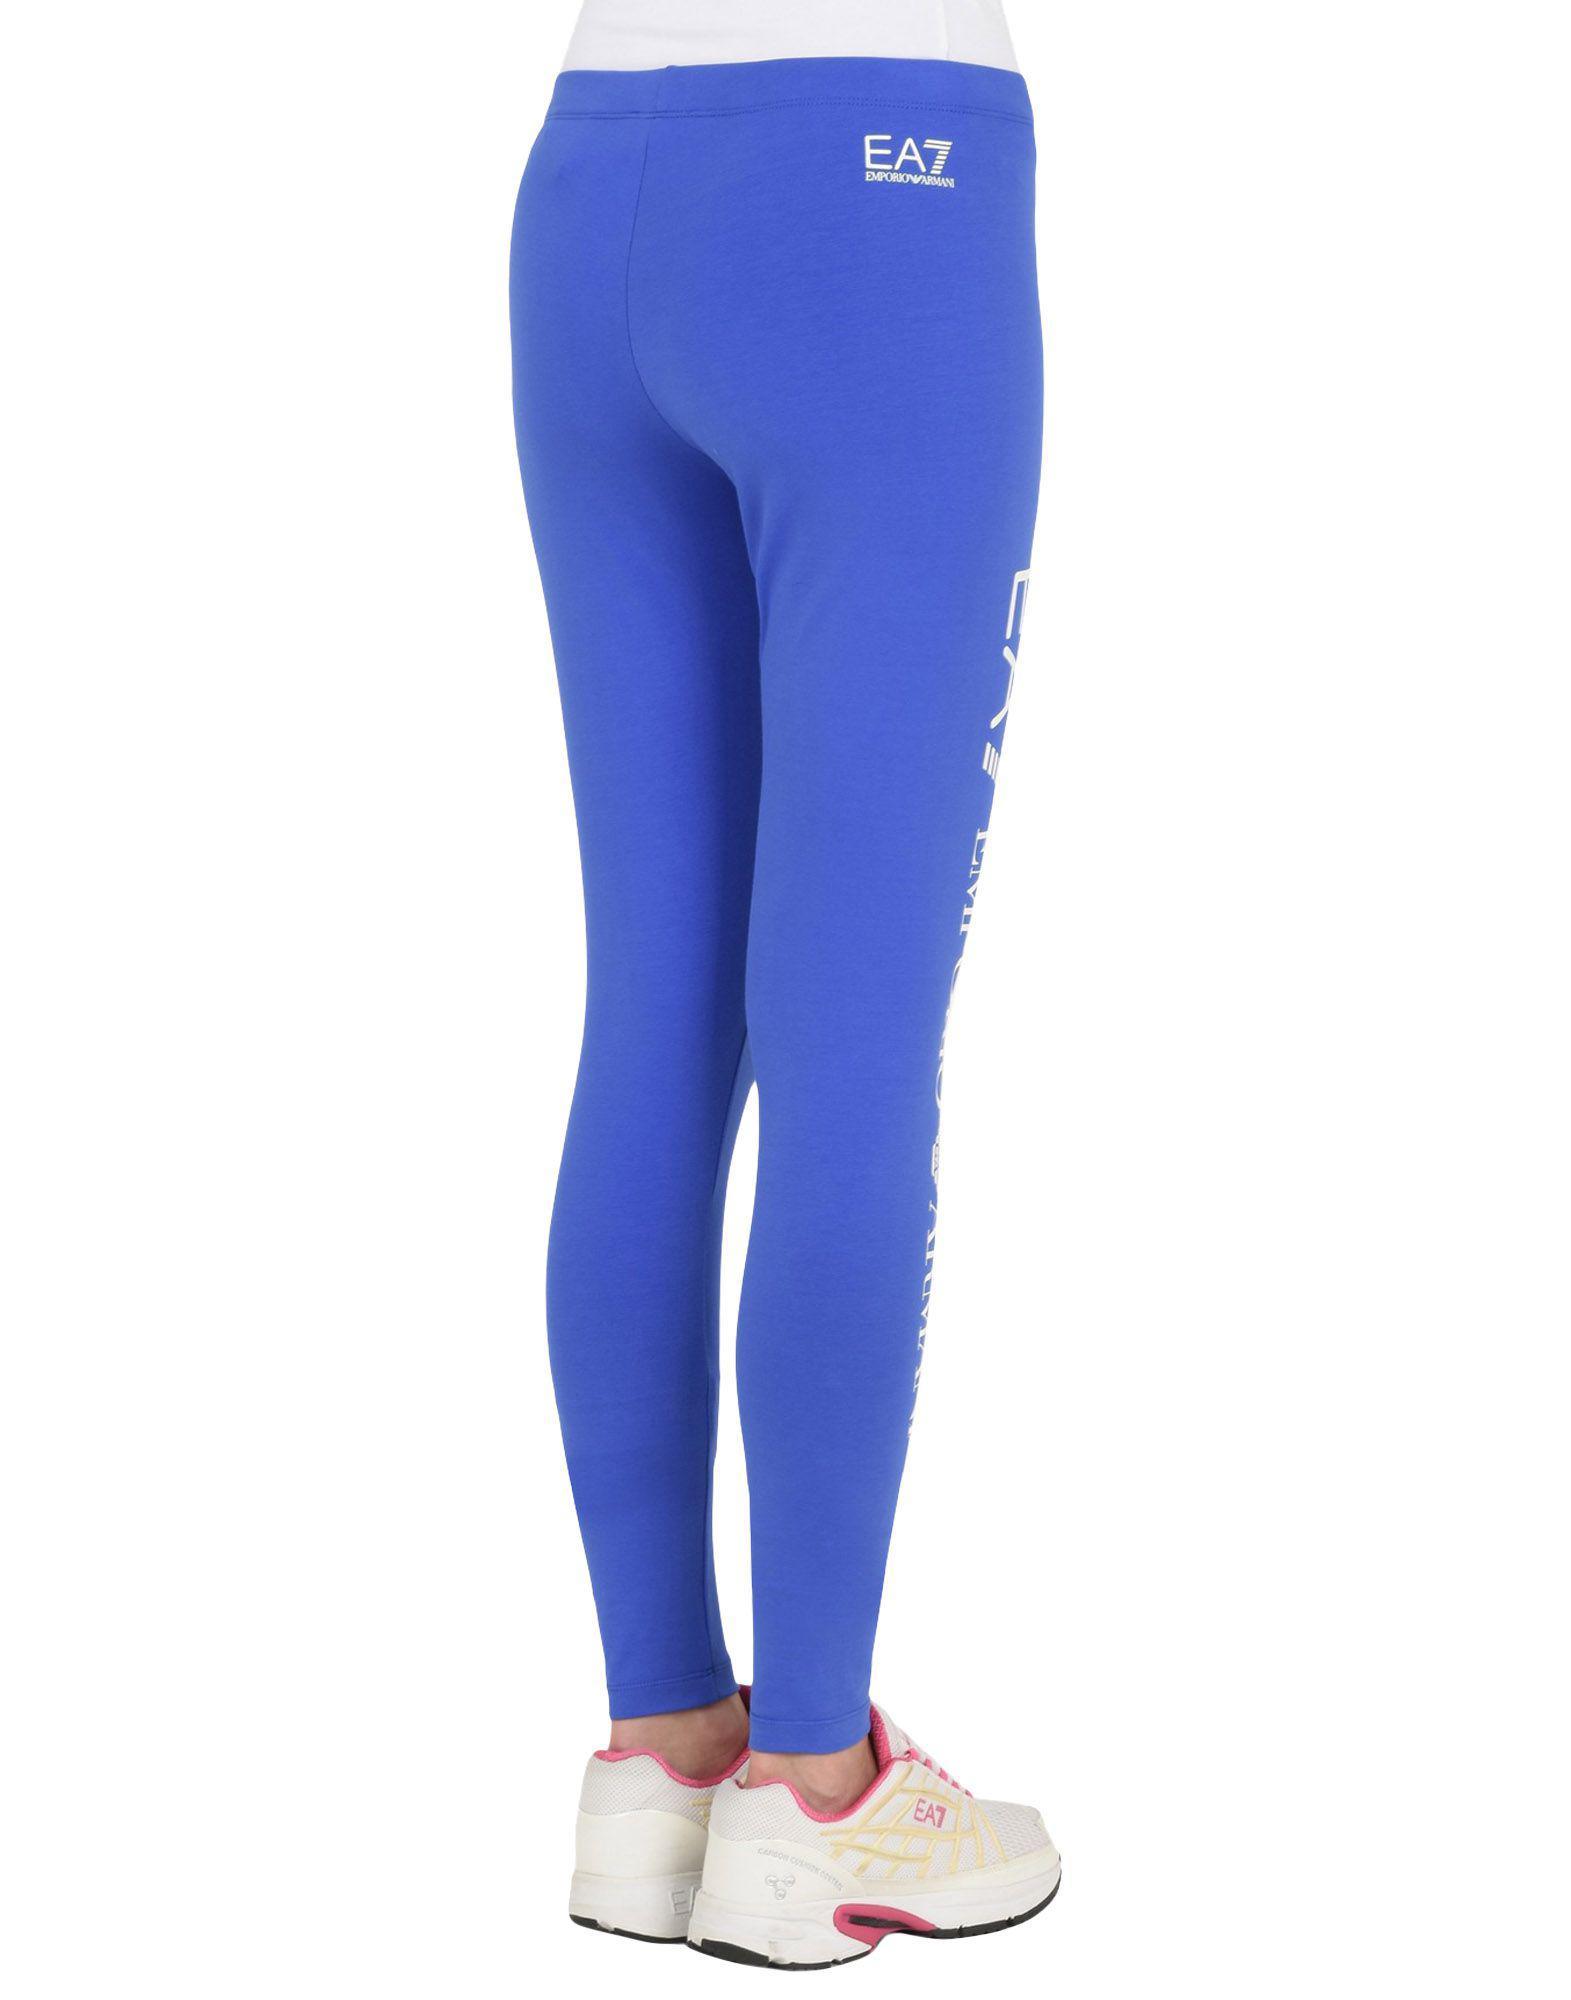 Mallas EA7 de Algodón de color Azul